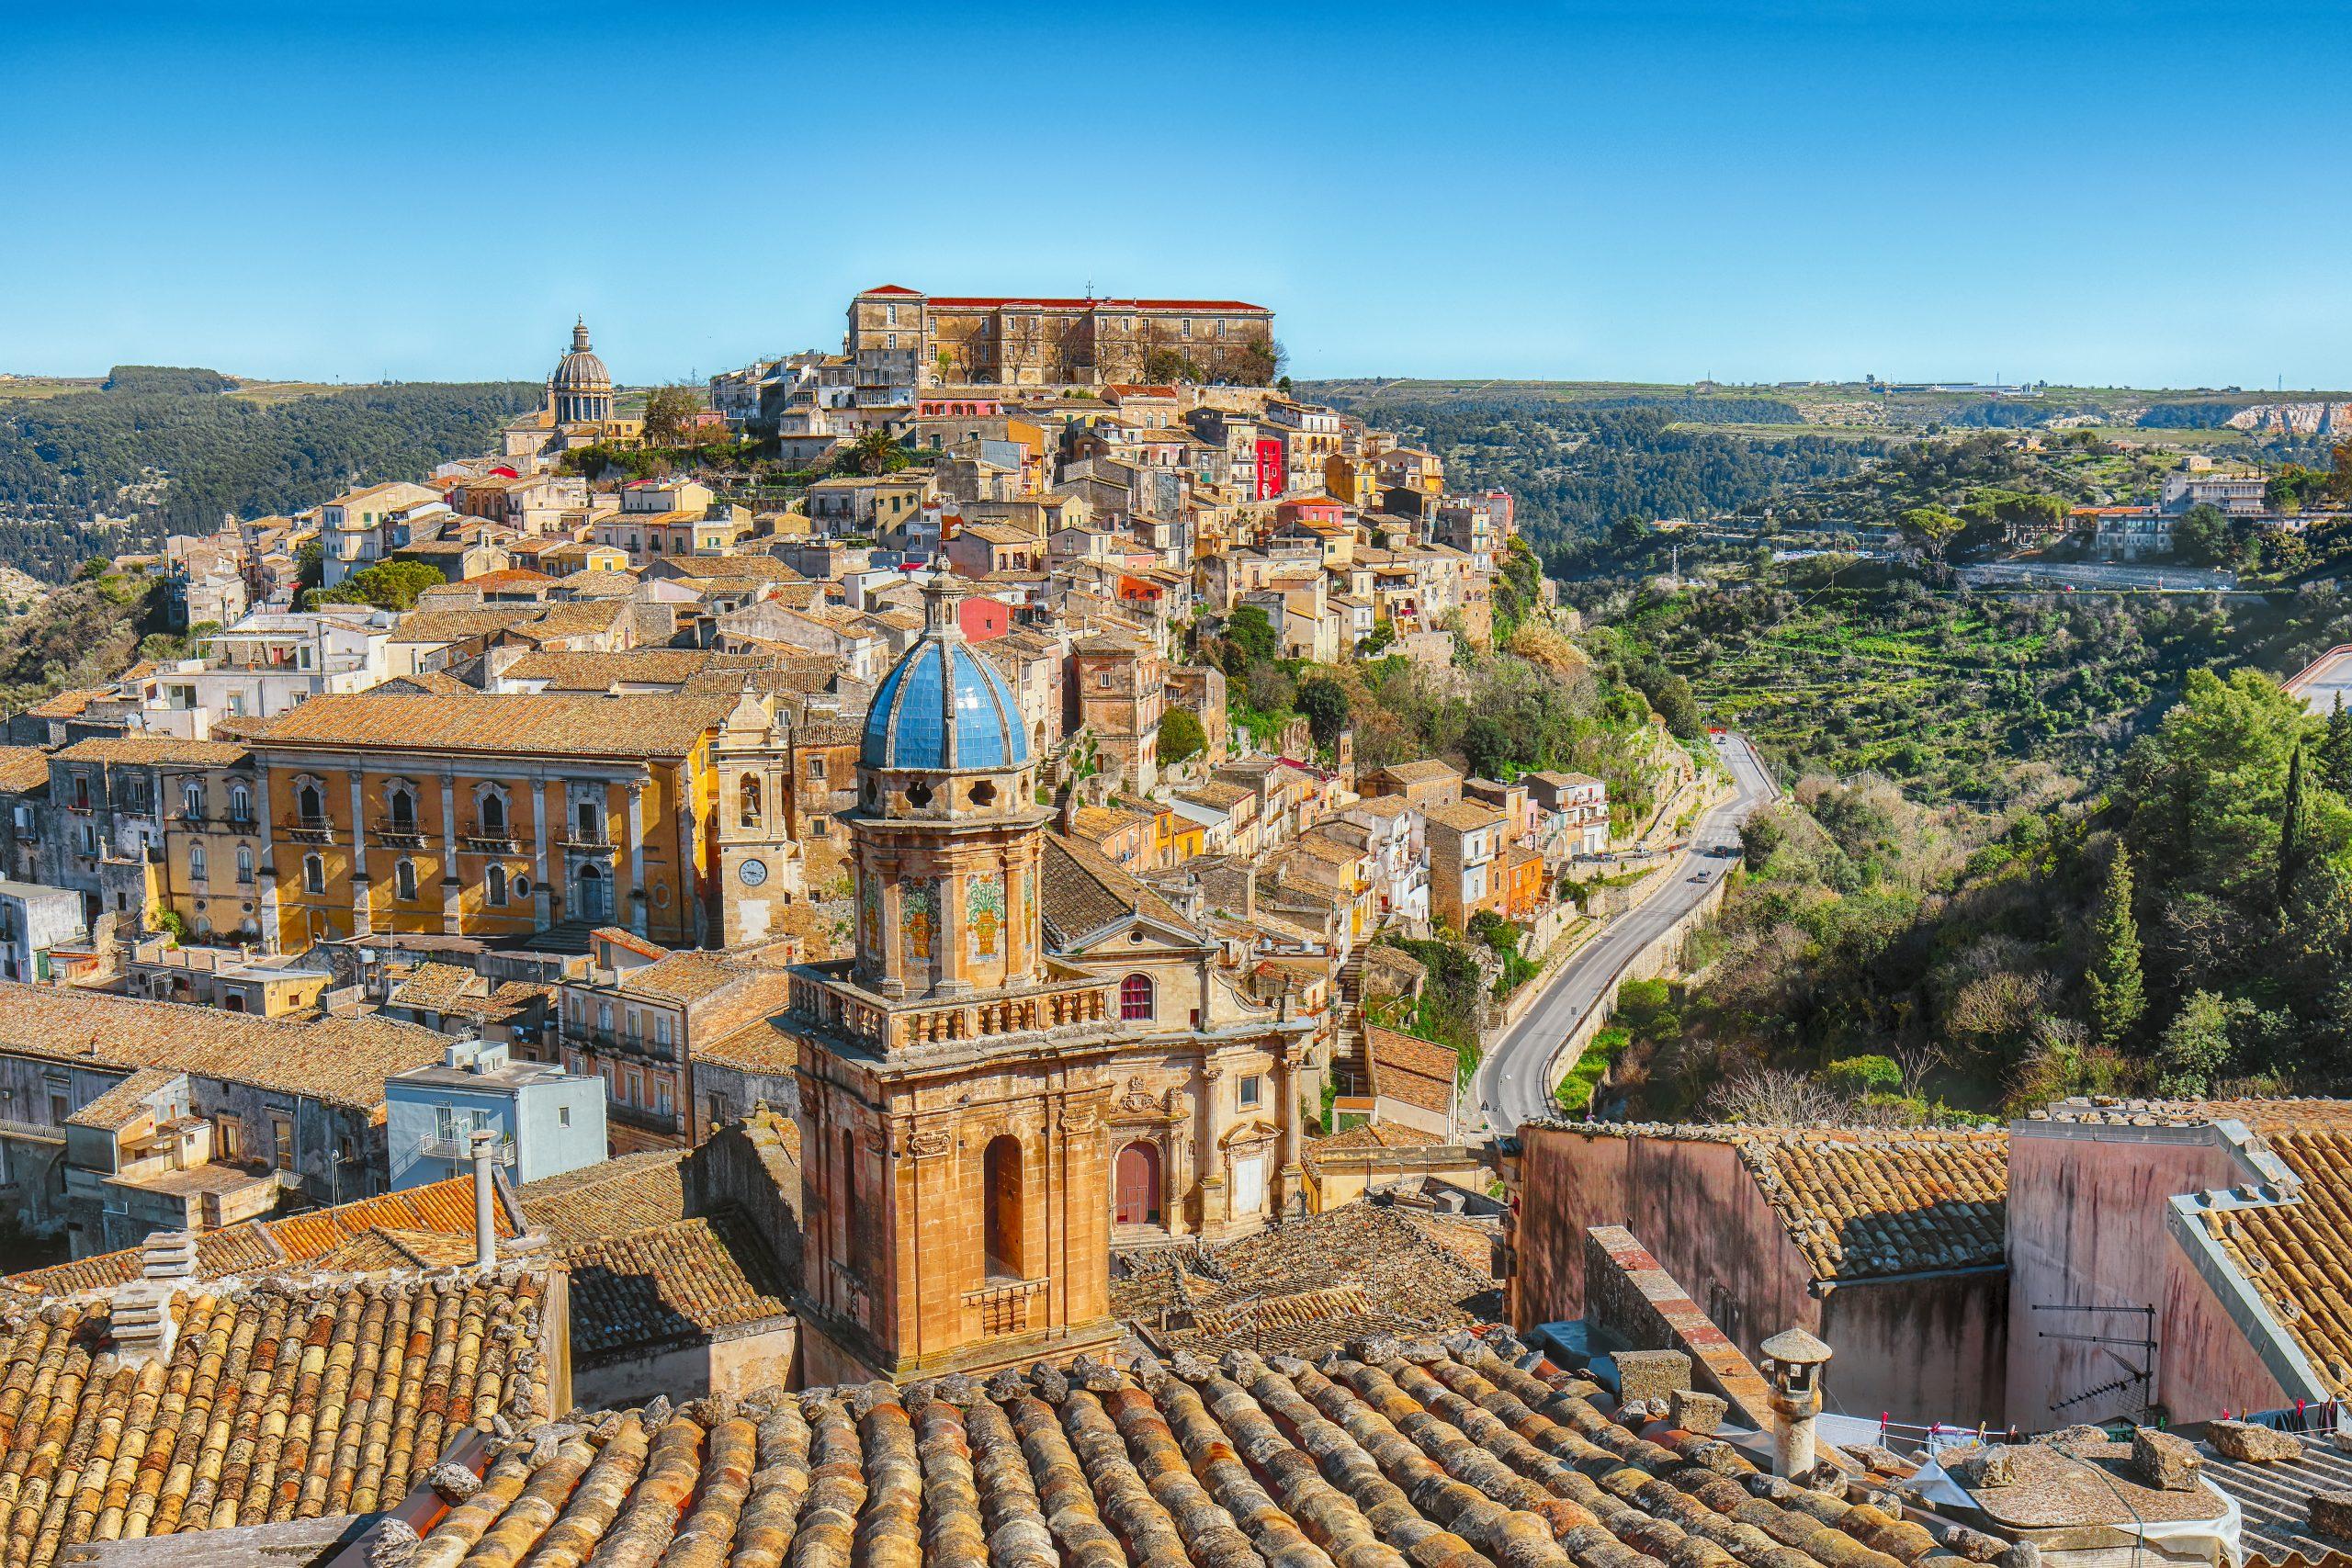 Wschodnia sycylia - Wschód słońca w starym barokowym mieście Ragusa Ibla na Sycylii.